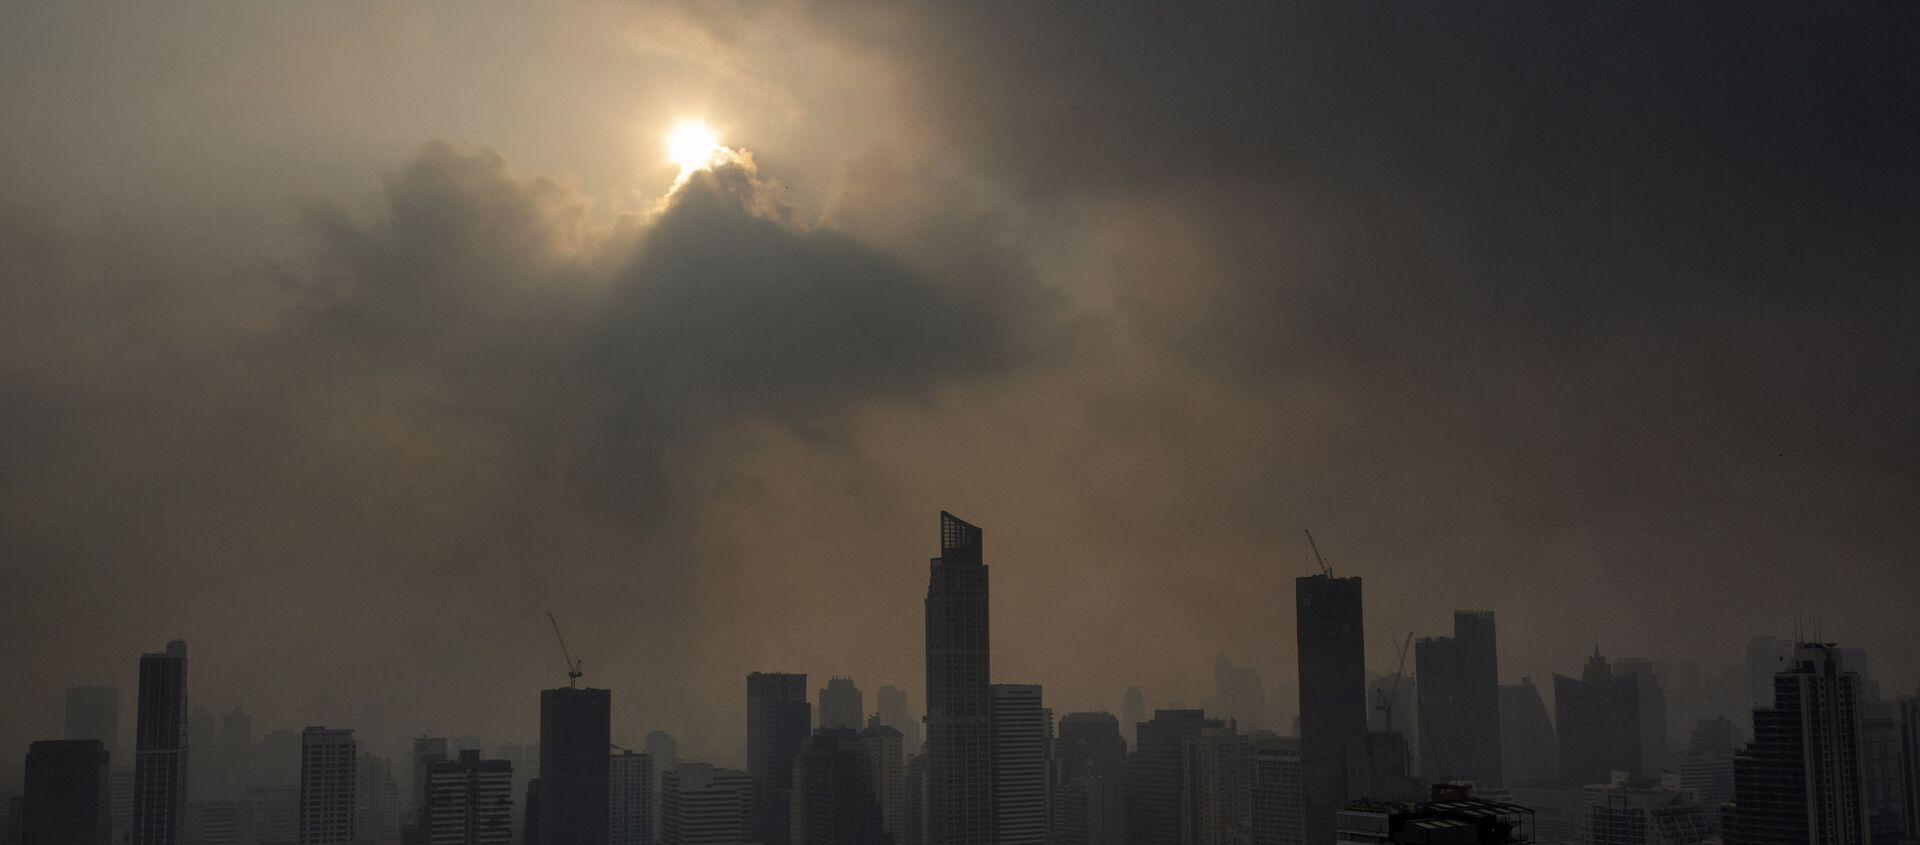 Słońce przebijające się przez smog w Bangkoku w Tajlandii - Sputnik Polska, 1920, 22.04.2021